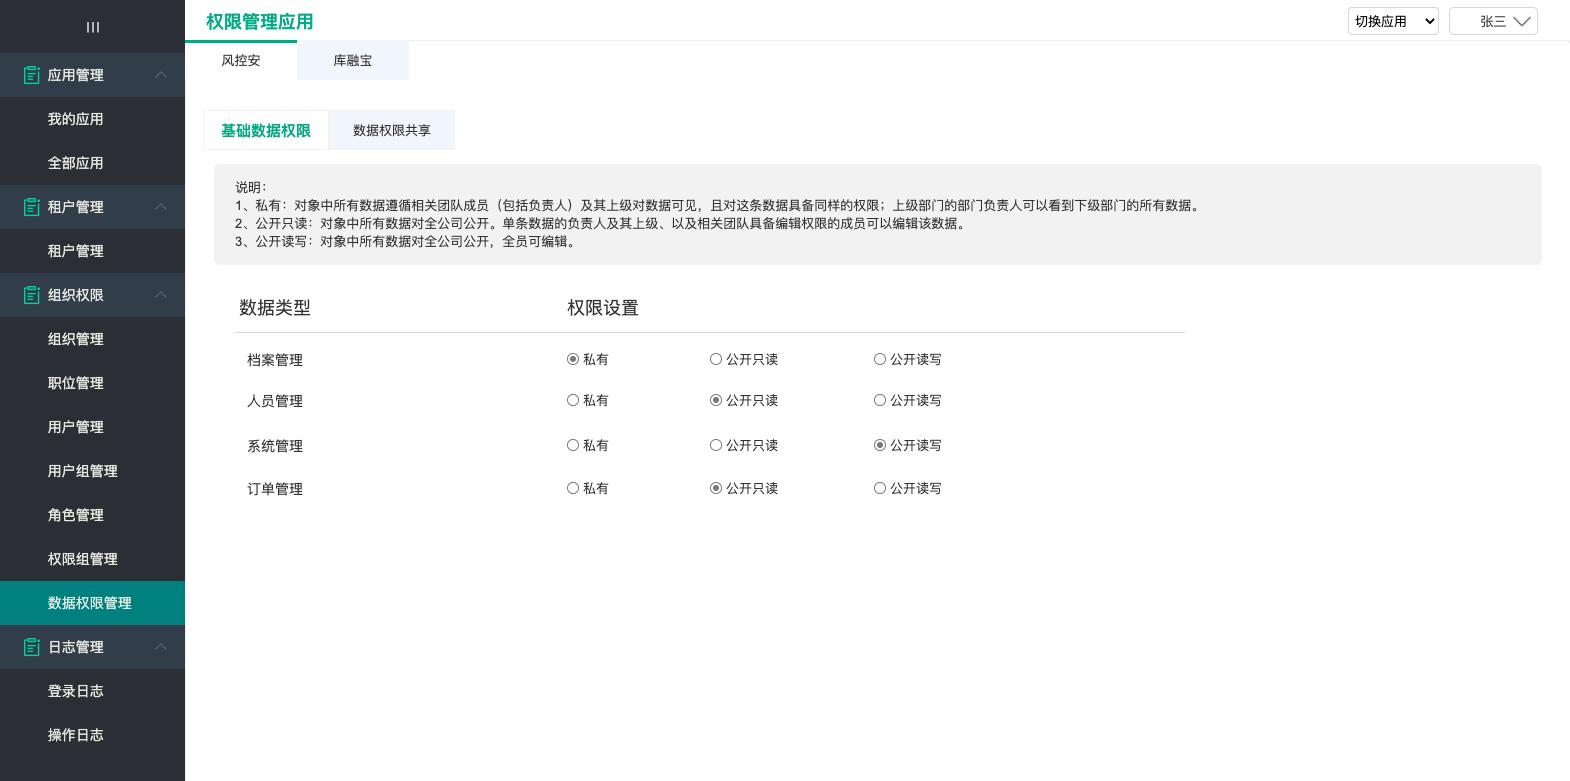 Xnip2021-03-25-11-13-30